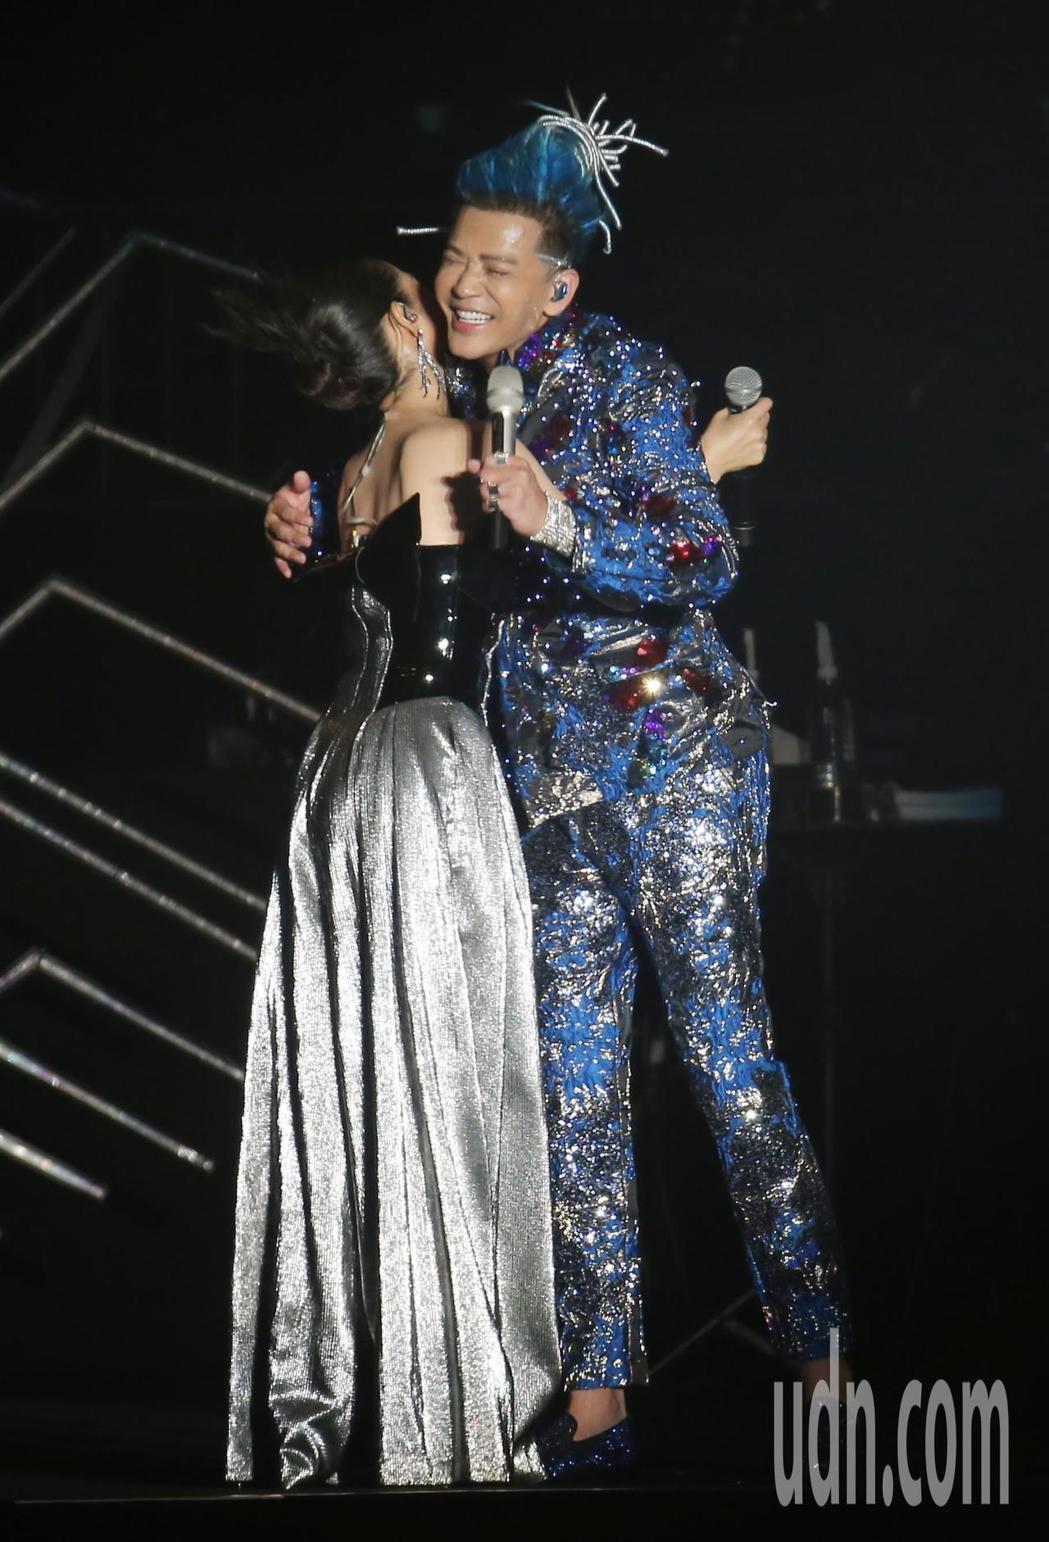 陳曉東(右)晚間在南港展覽館舉辦演唱會,他與特別嘉賓林依晨(左)合唱「突然心動」